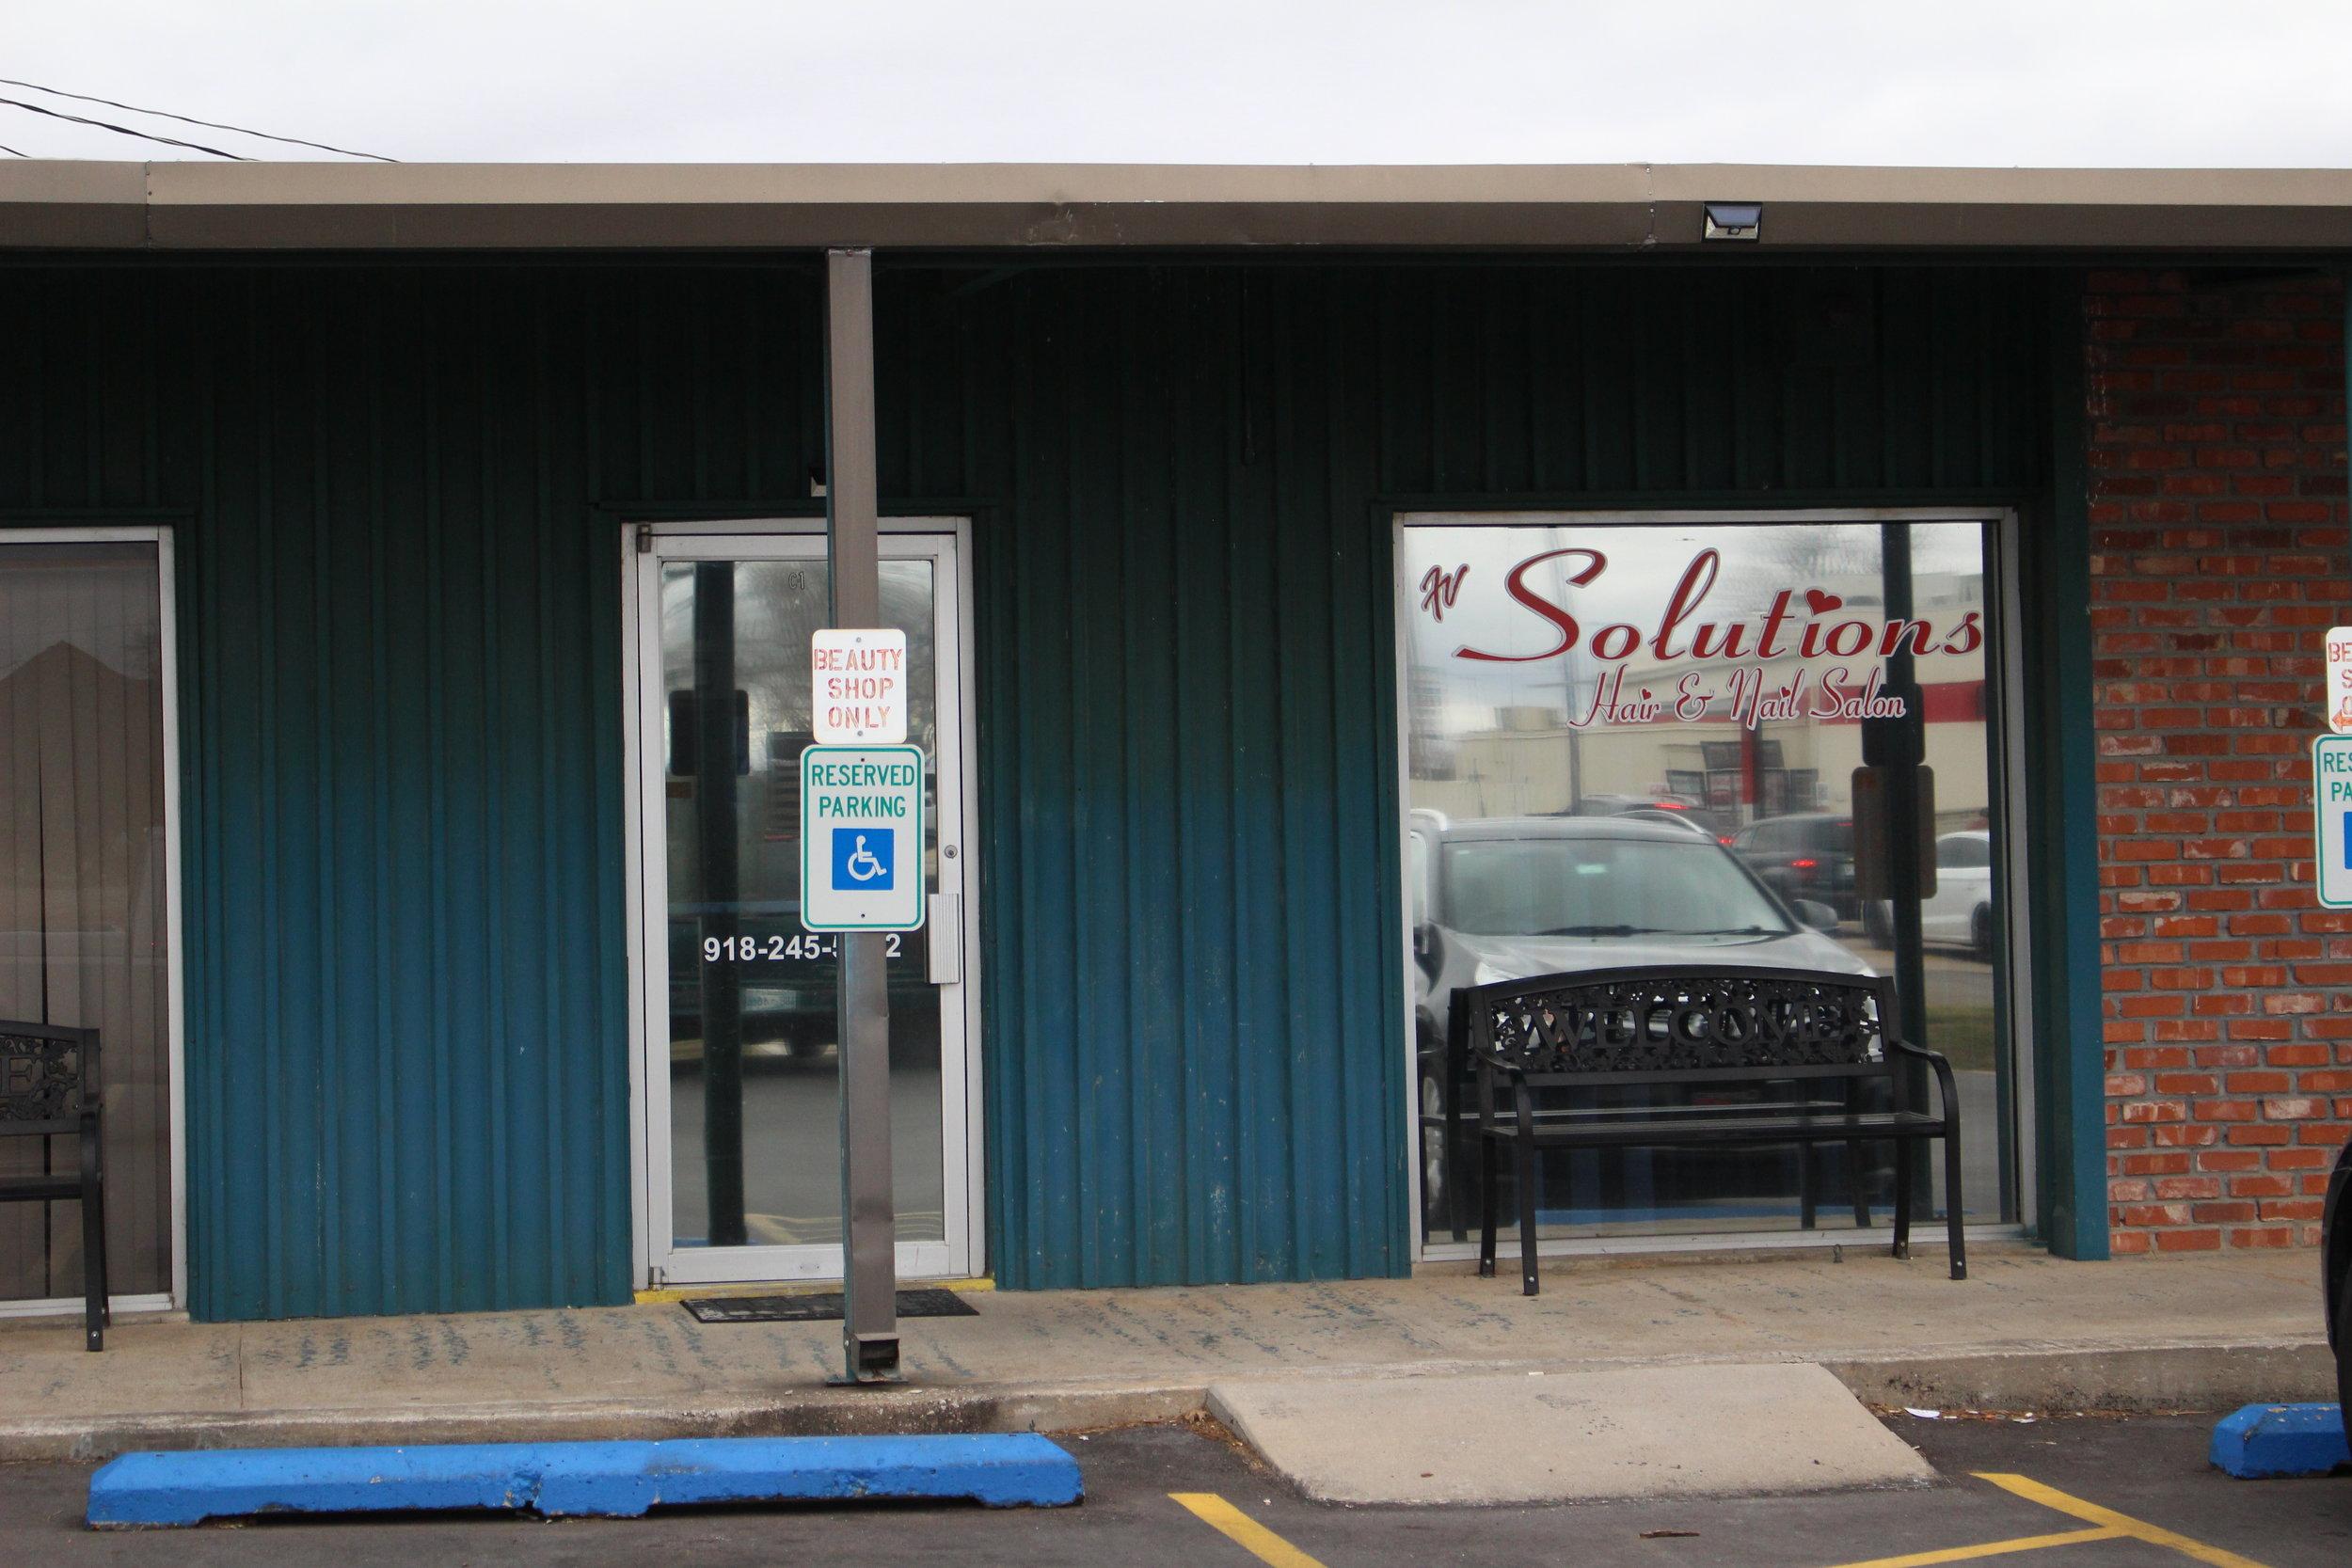 fv solutions hair & nail salon - prattville 3417 south 113th west avenue, suite c1